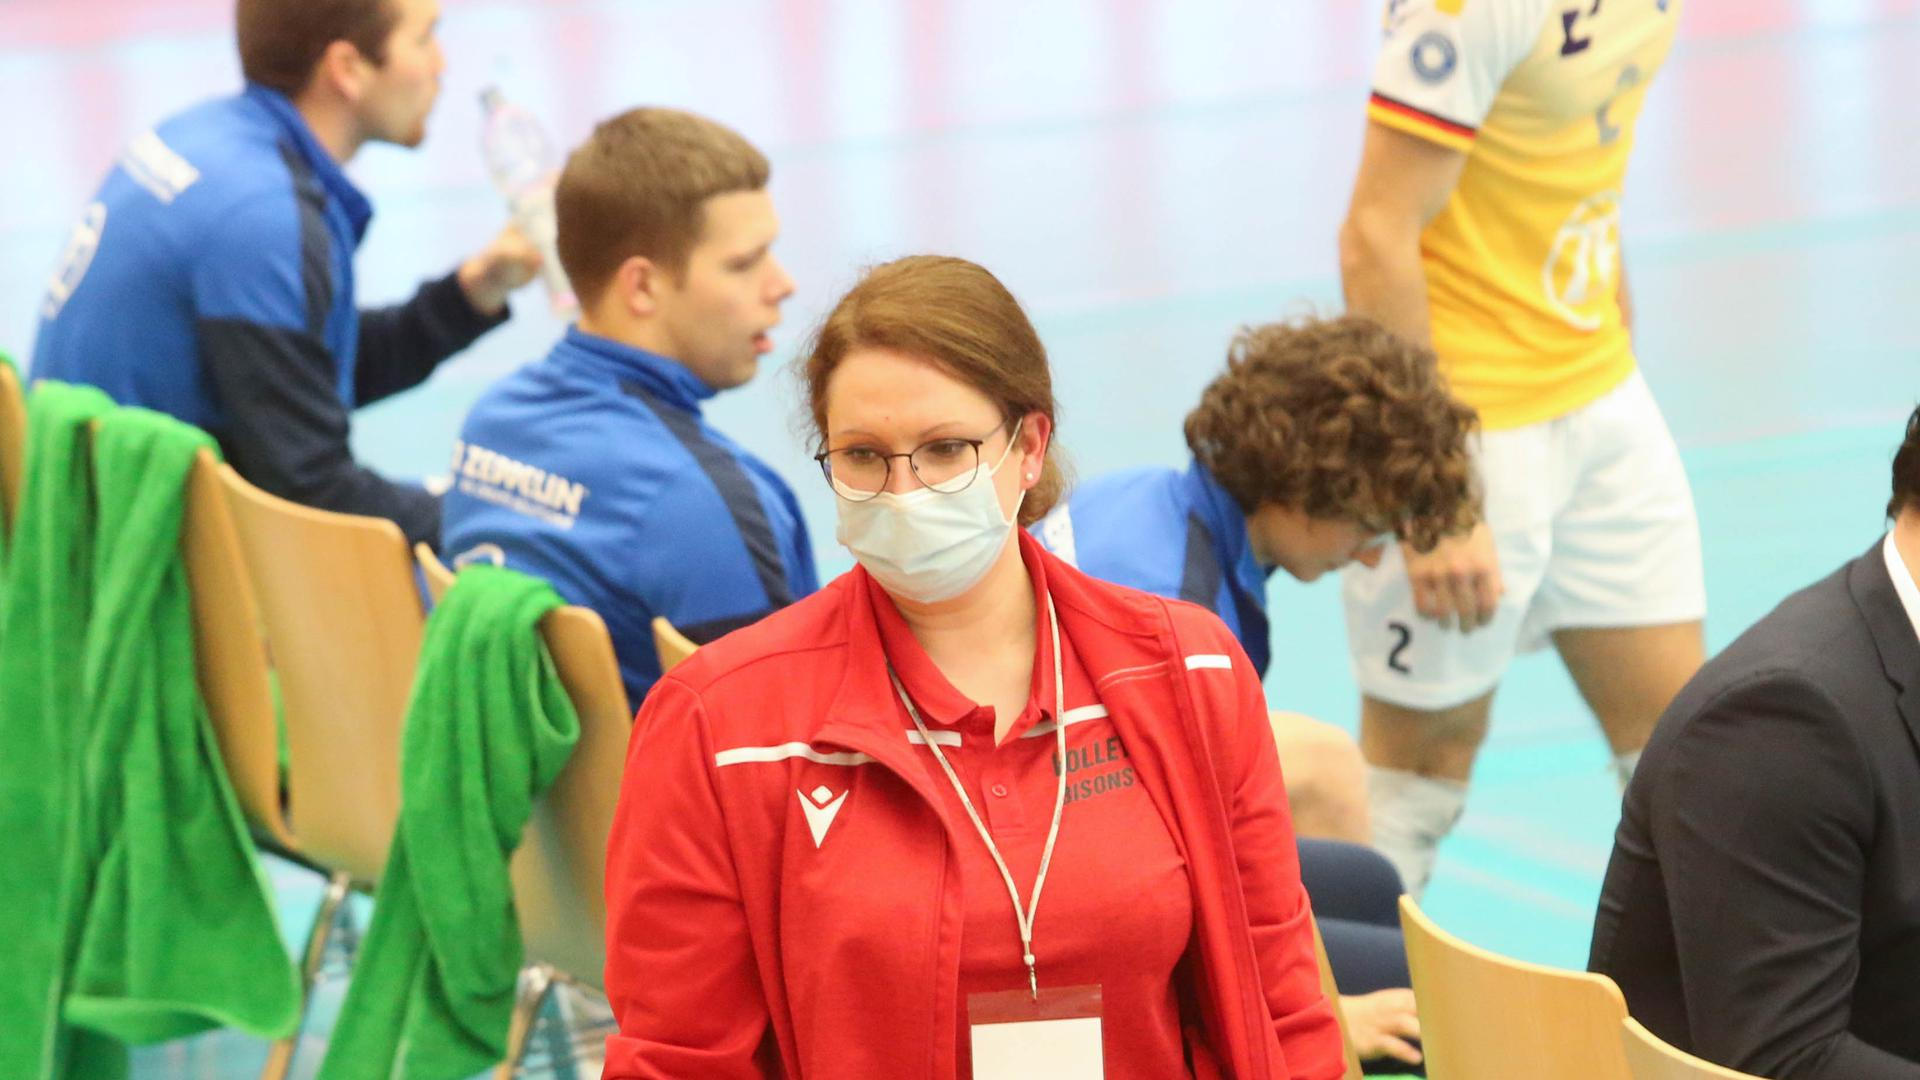 Ina Schultz, Teammanagerin beim Volleyball-Bundesligisten Bisons Bühl